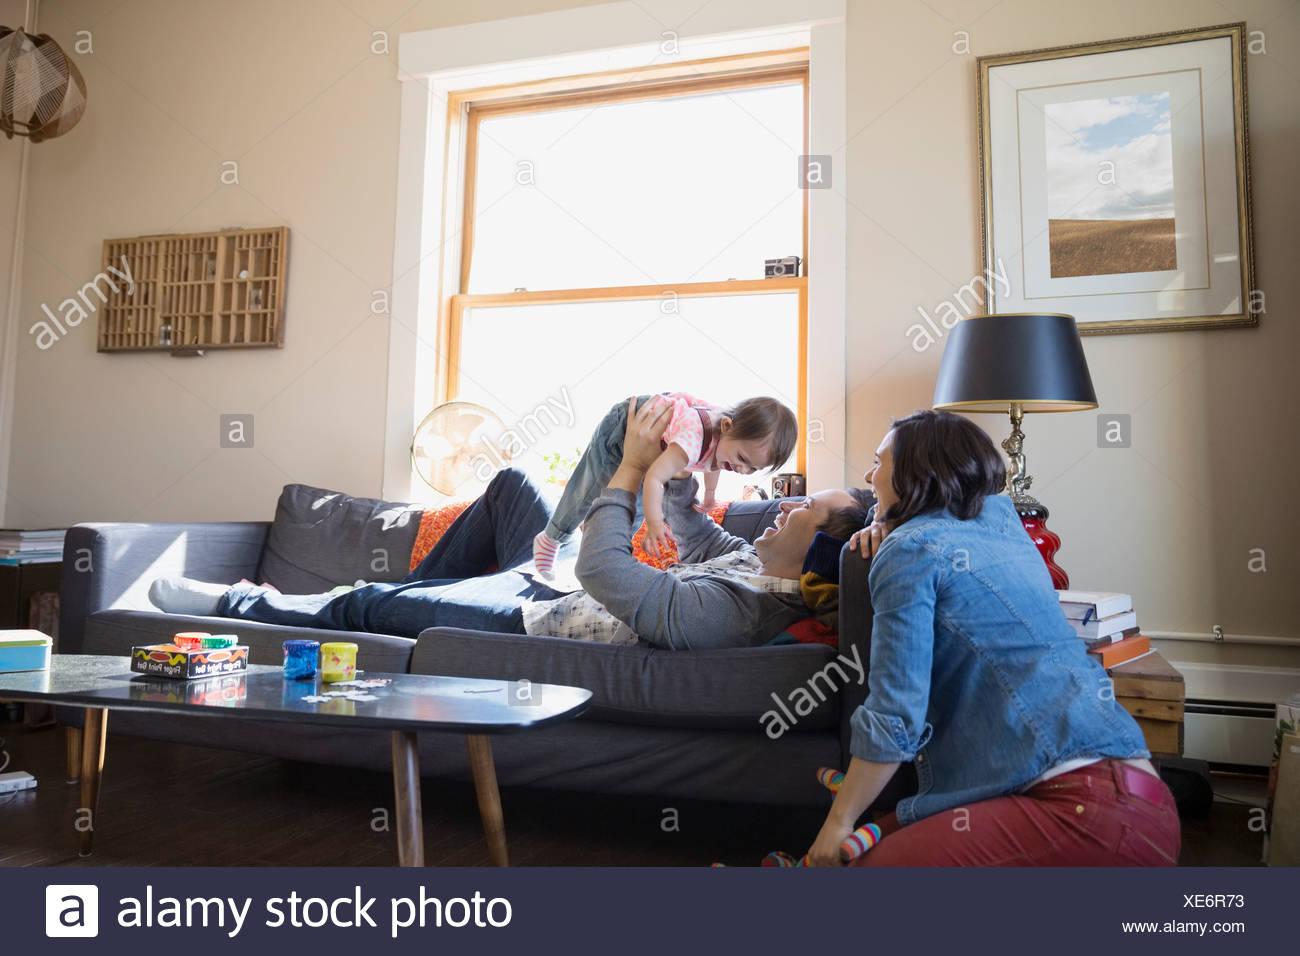 Famiglia giovane rilassante nella stanza vivente Immagini Stock